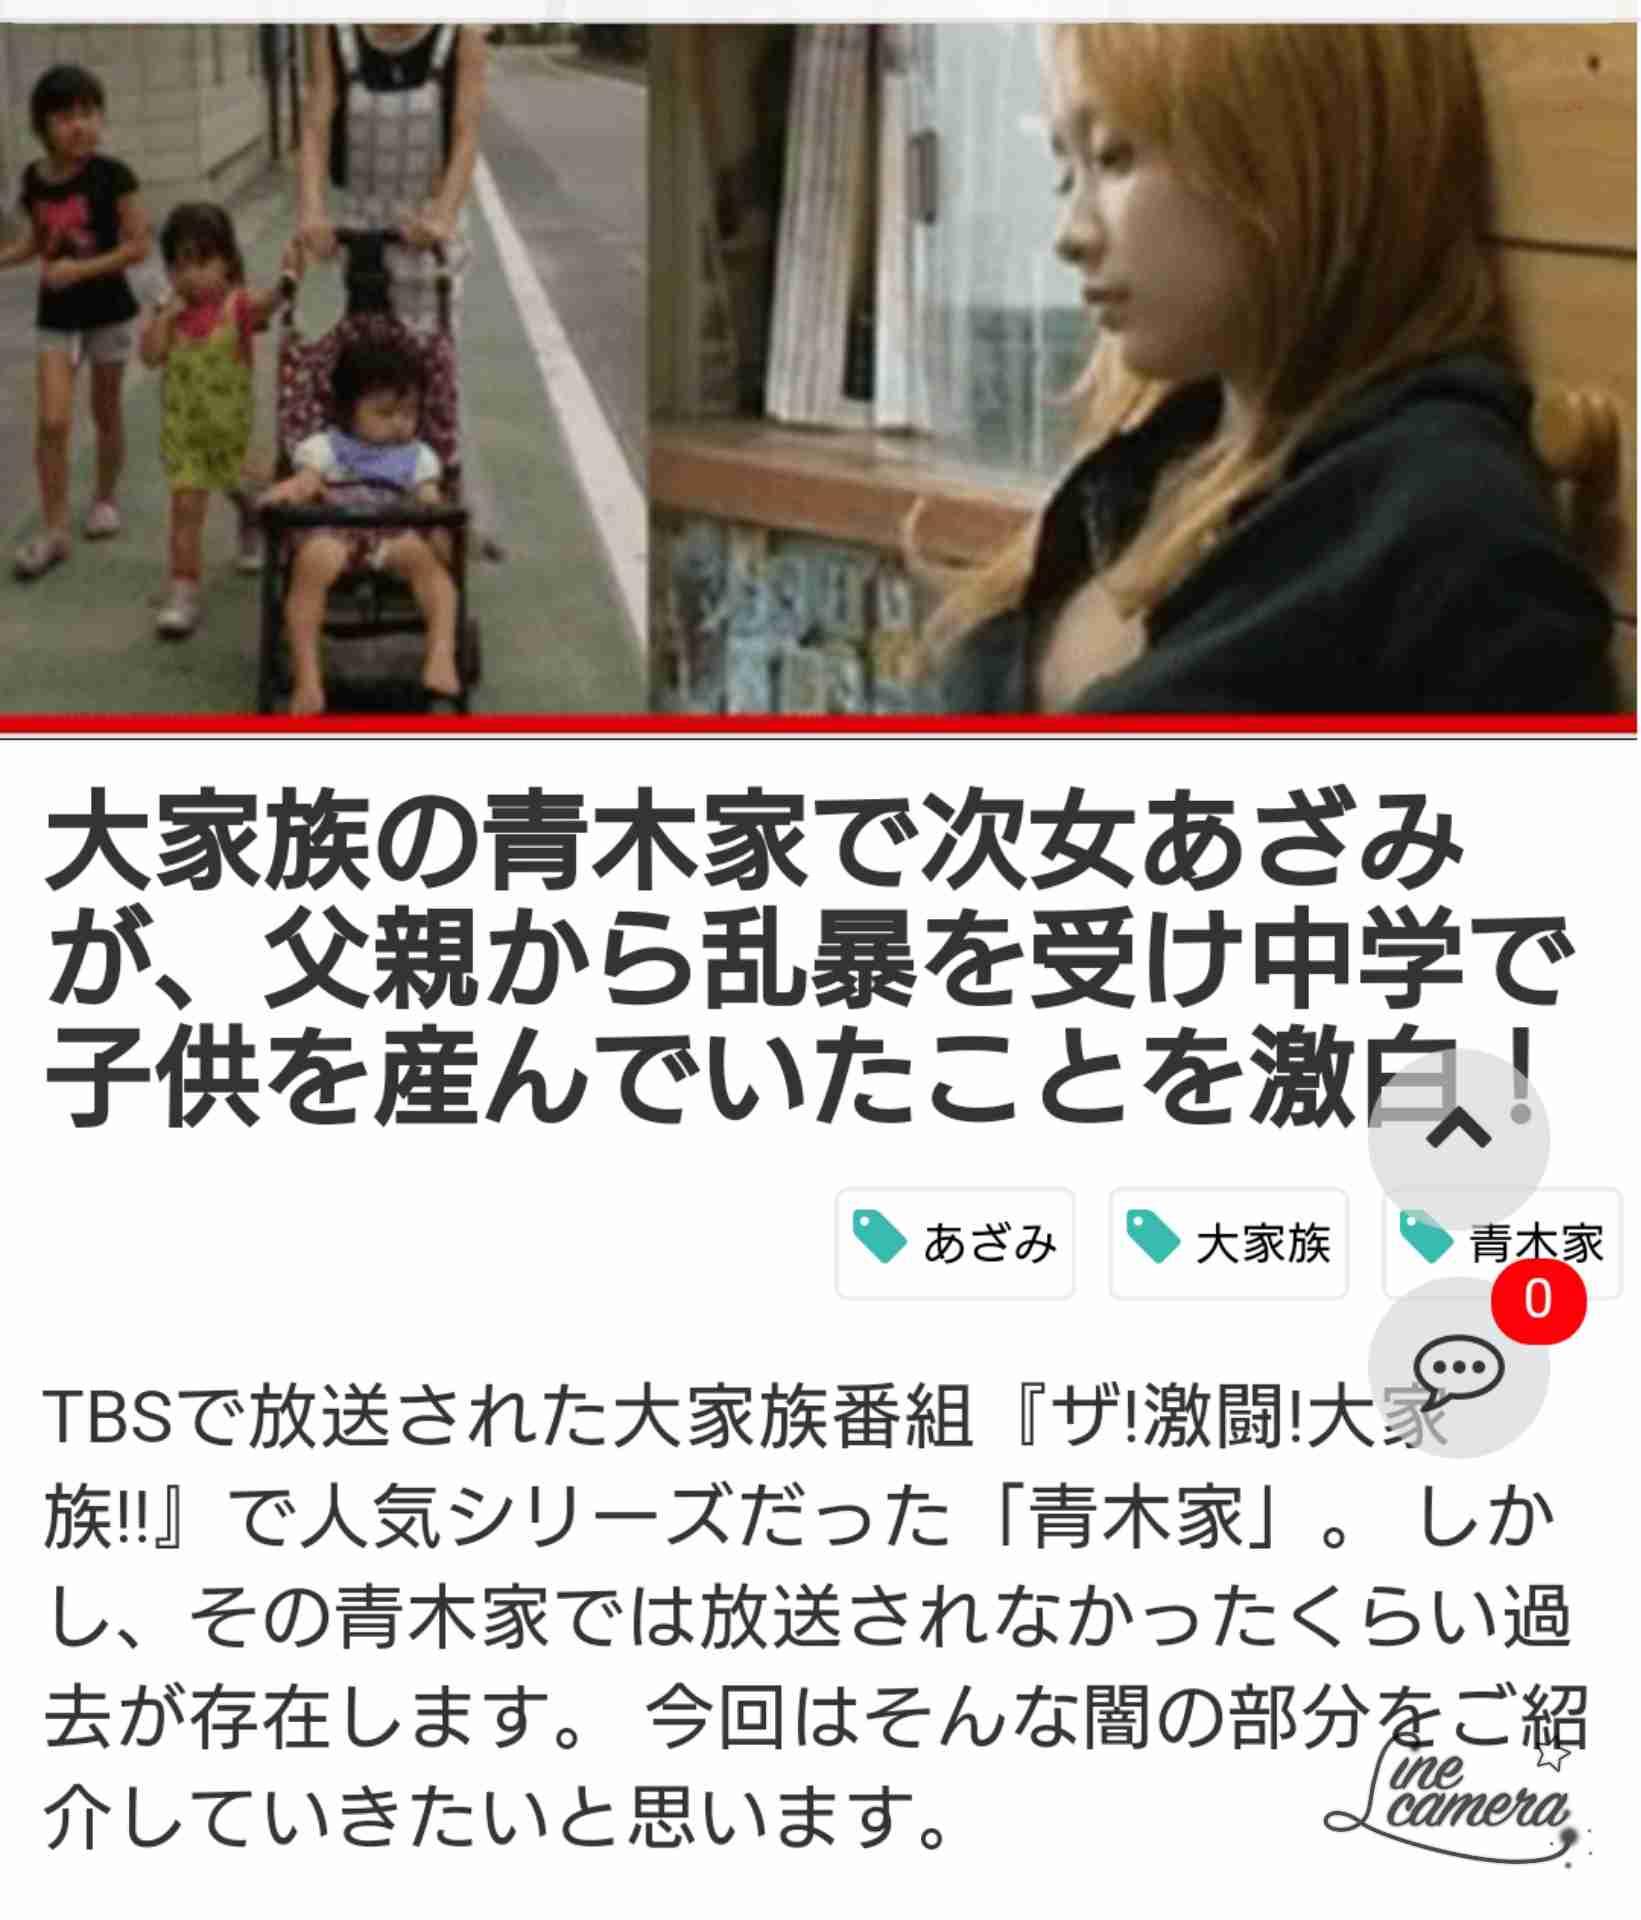 10代の娘にみだらな行為 監護者性交罪初適用、容疑の52歳父親逮捕 静岡